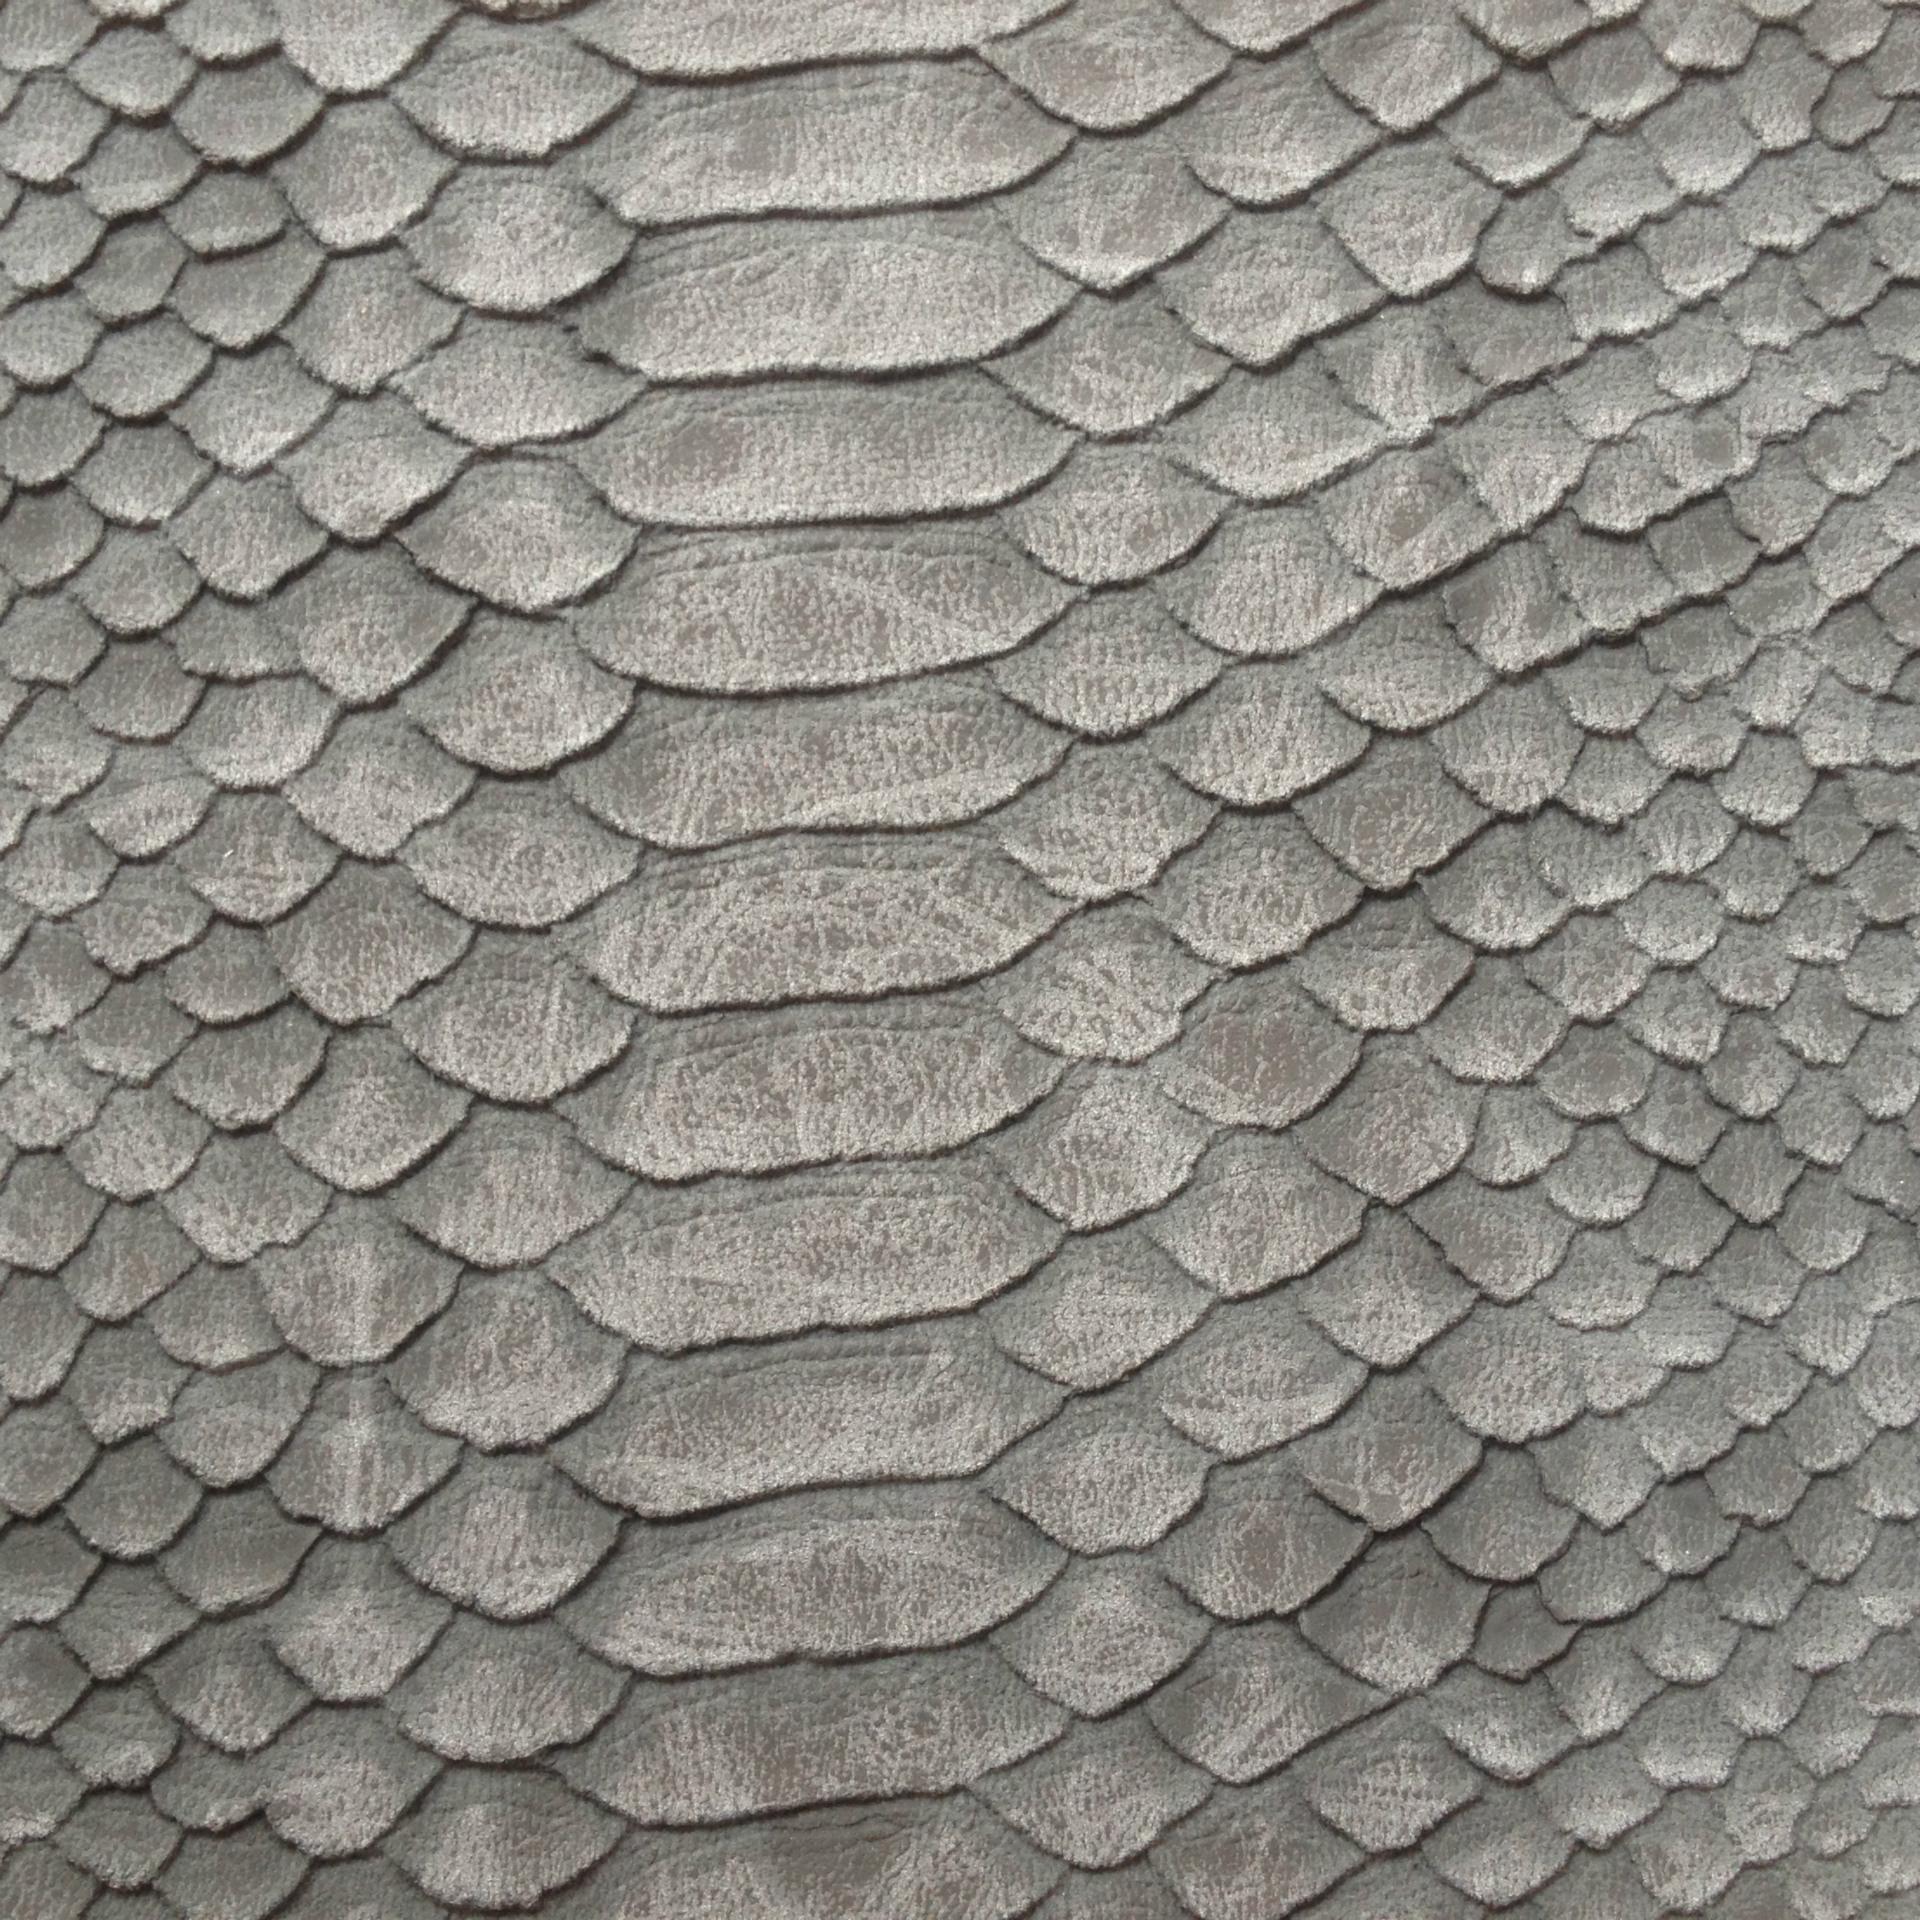 供应高档仿古蛇纹皮革 磨砂蛇纹PVC皮革 鱼鳞纹蟒蛇纹皮革